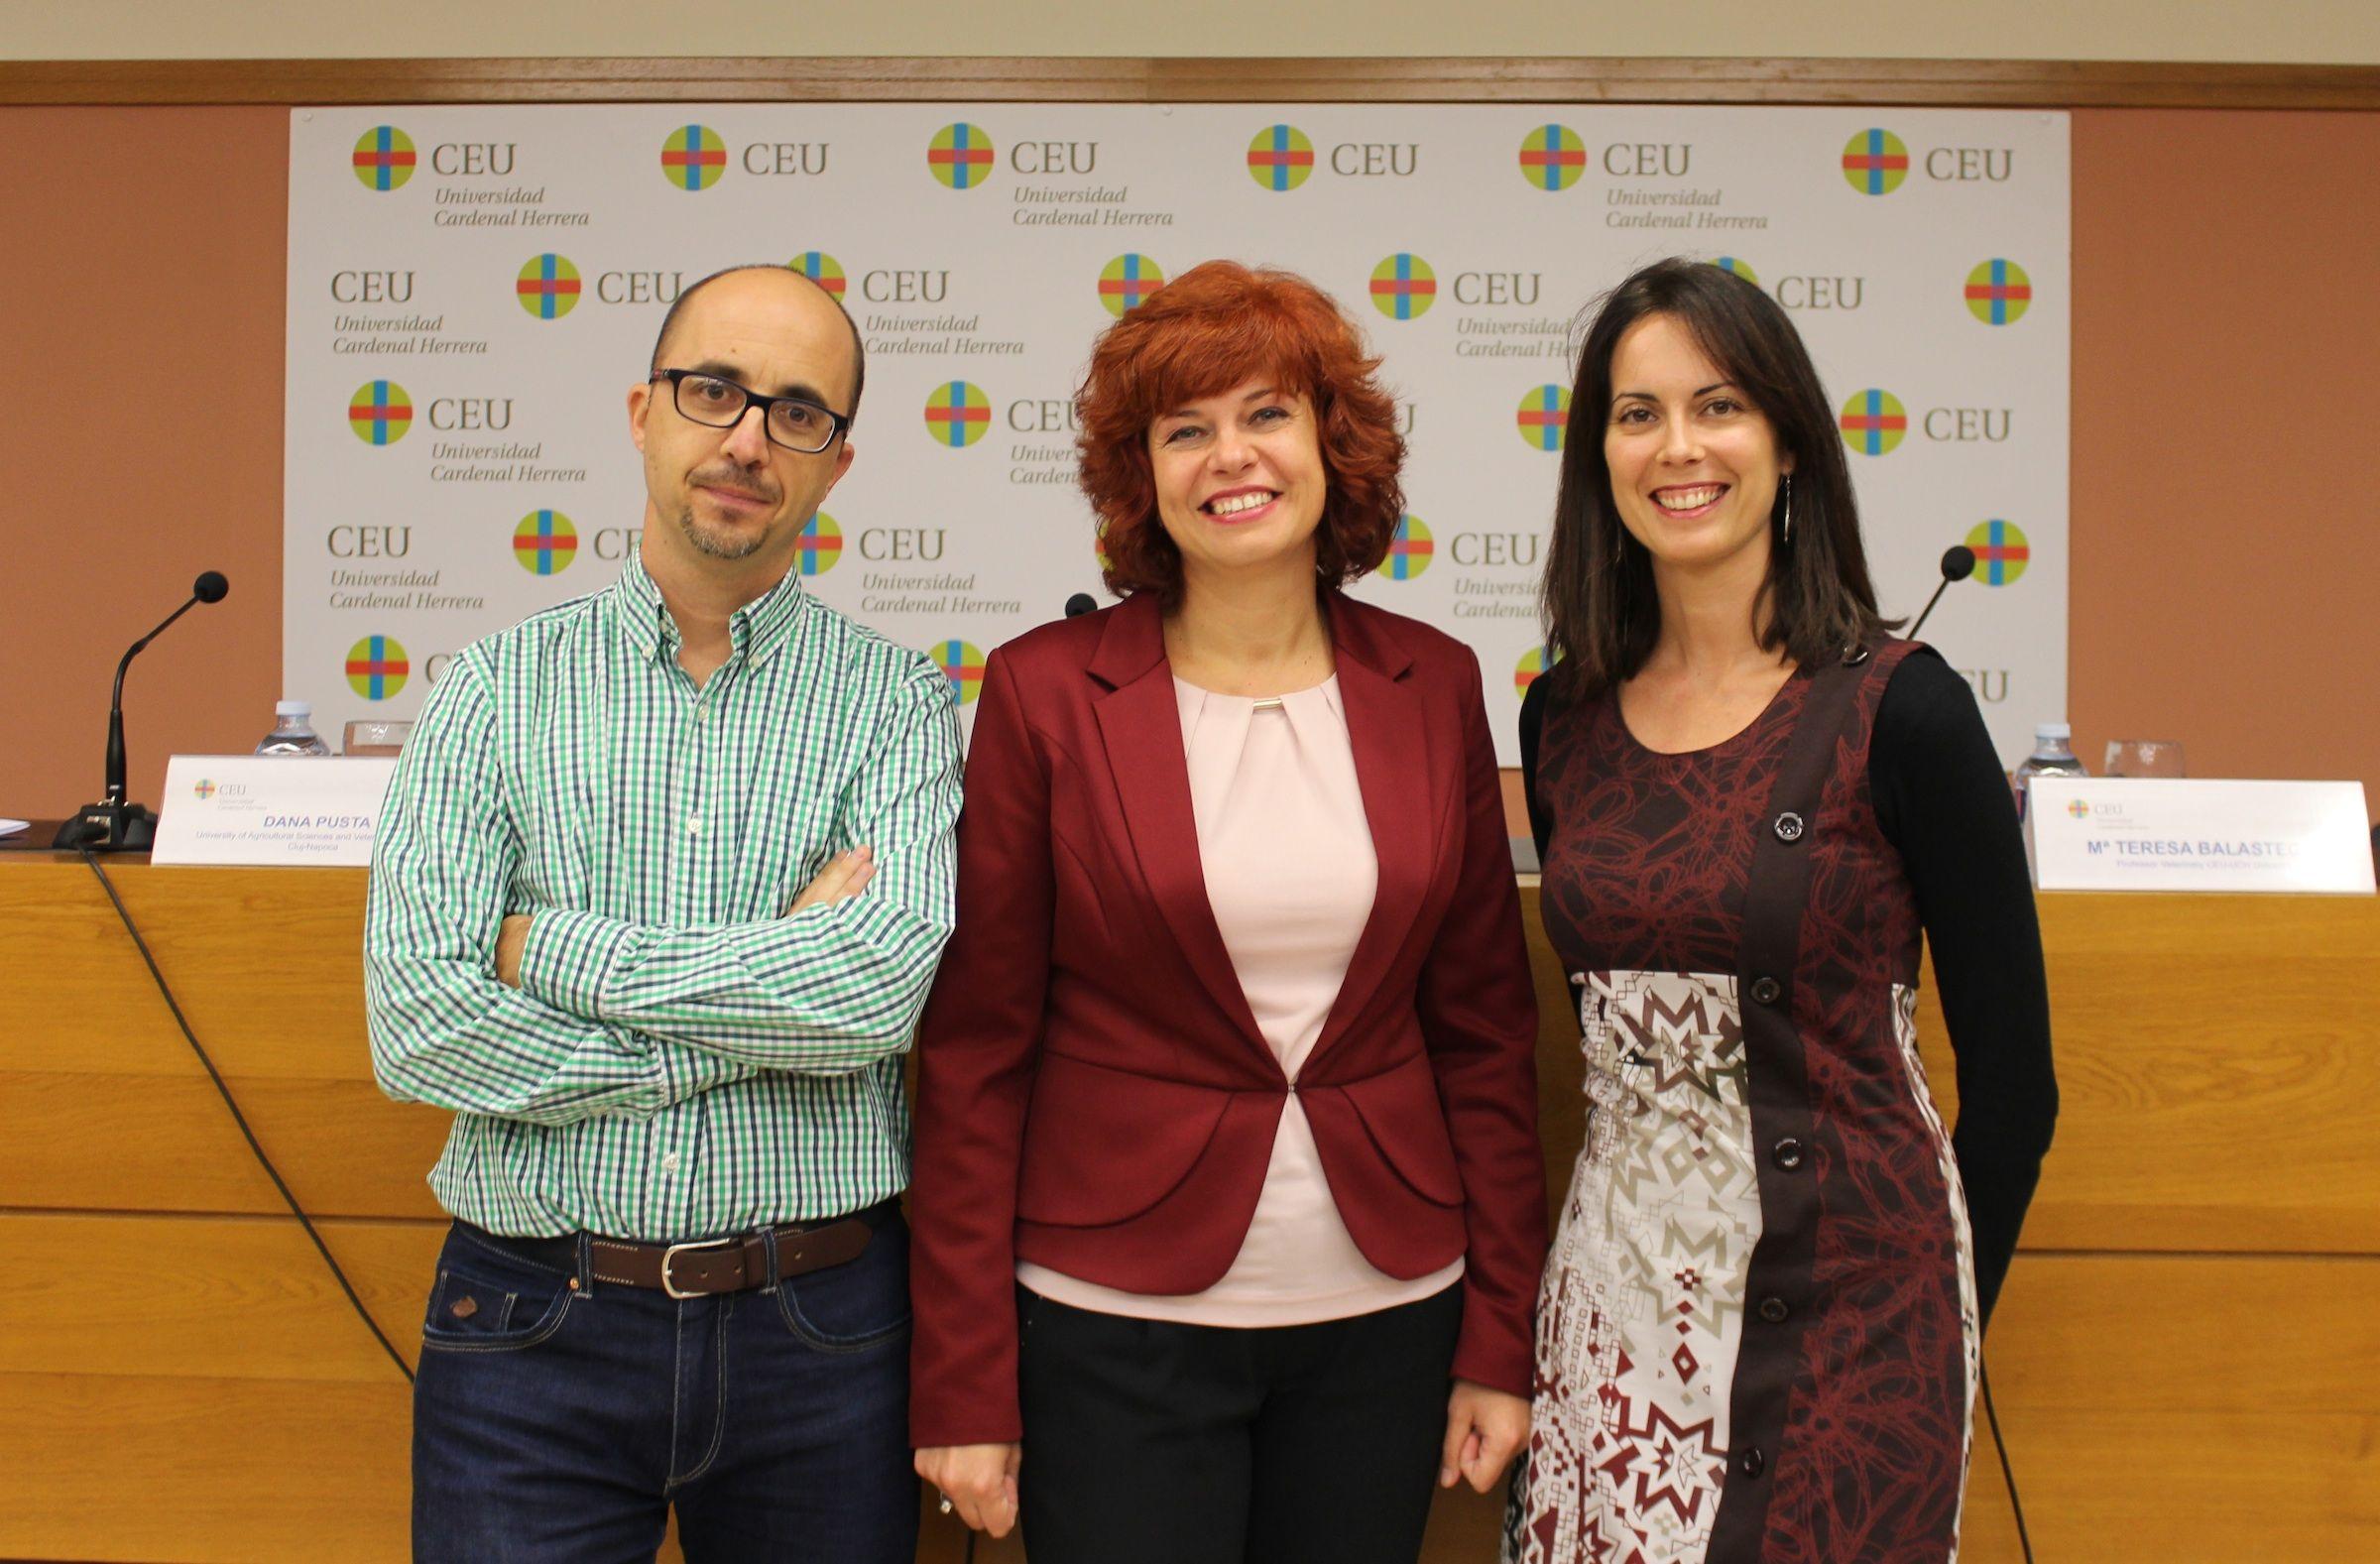 Enric Poch, Dana Pusta y Maite Balastegui, en CEU Descubre.